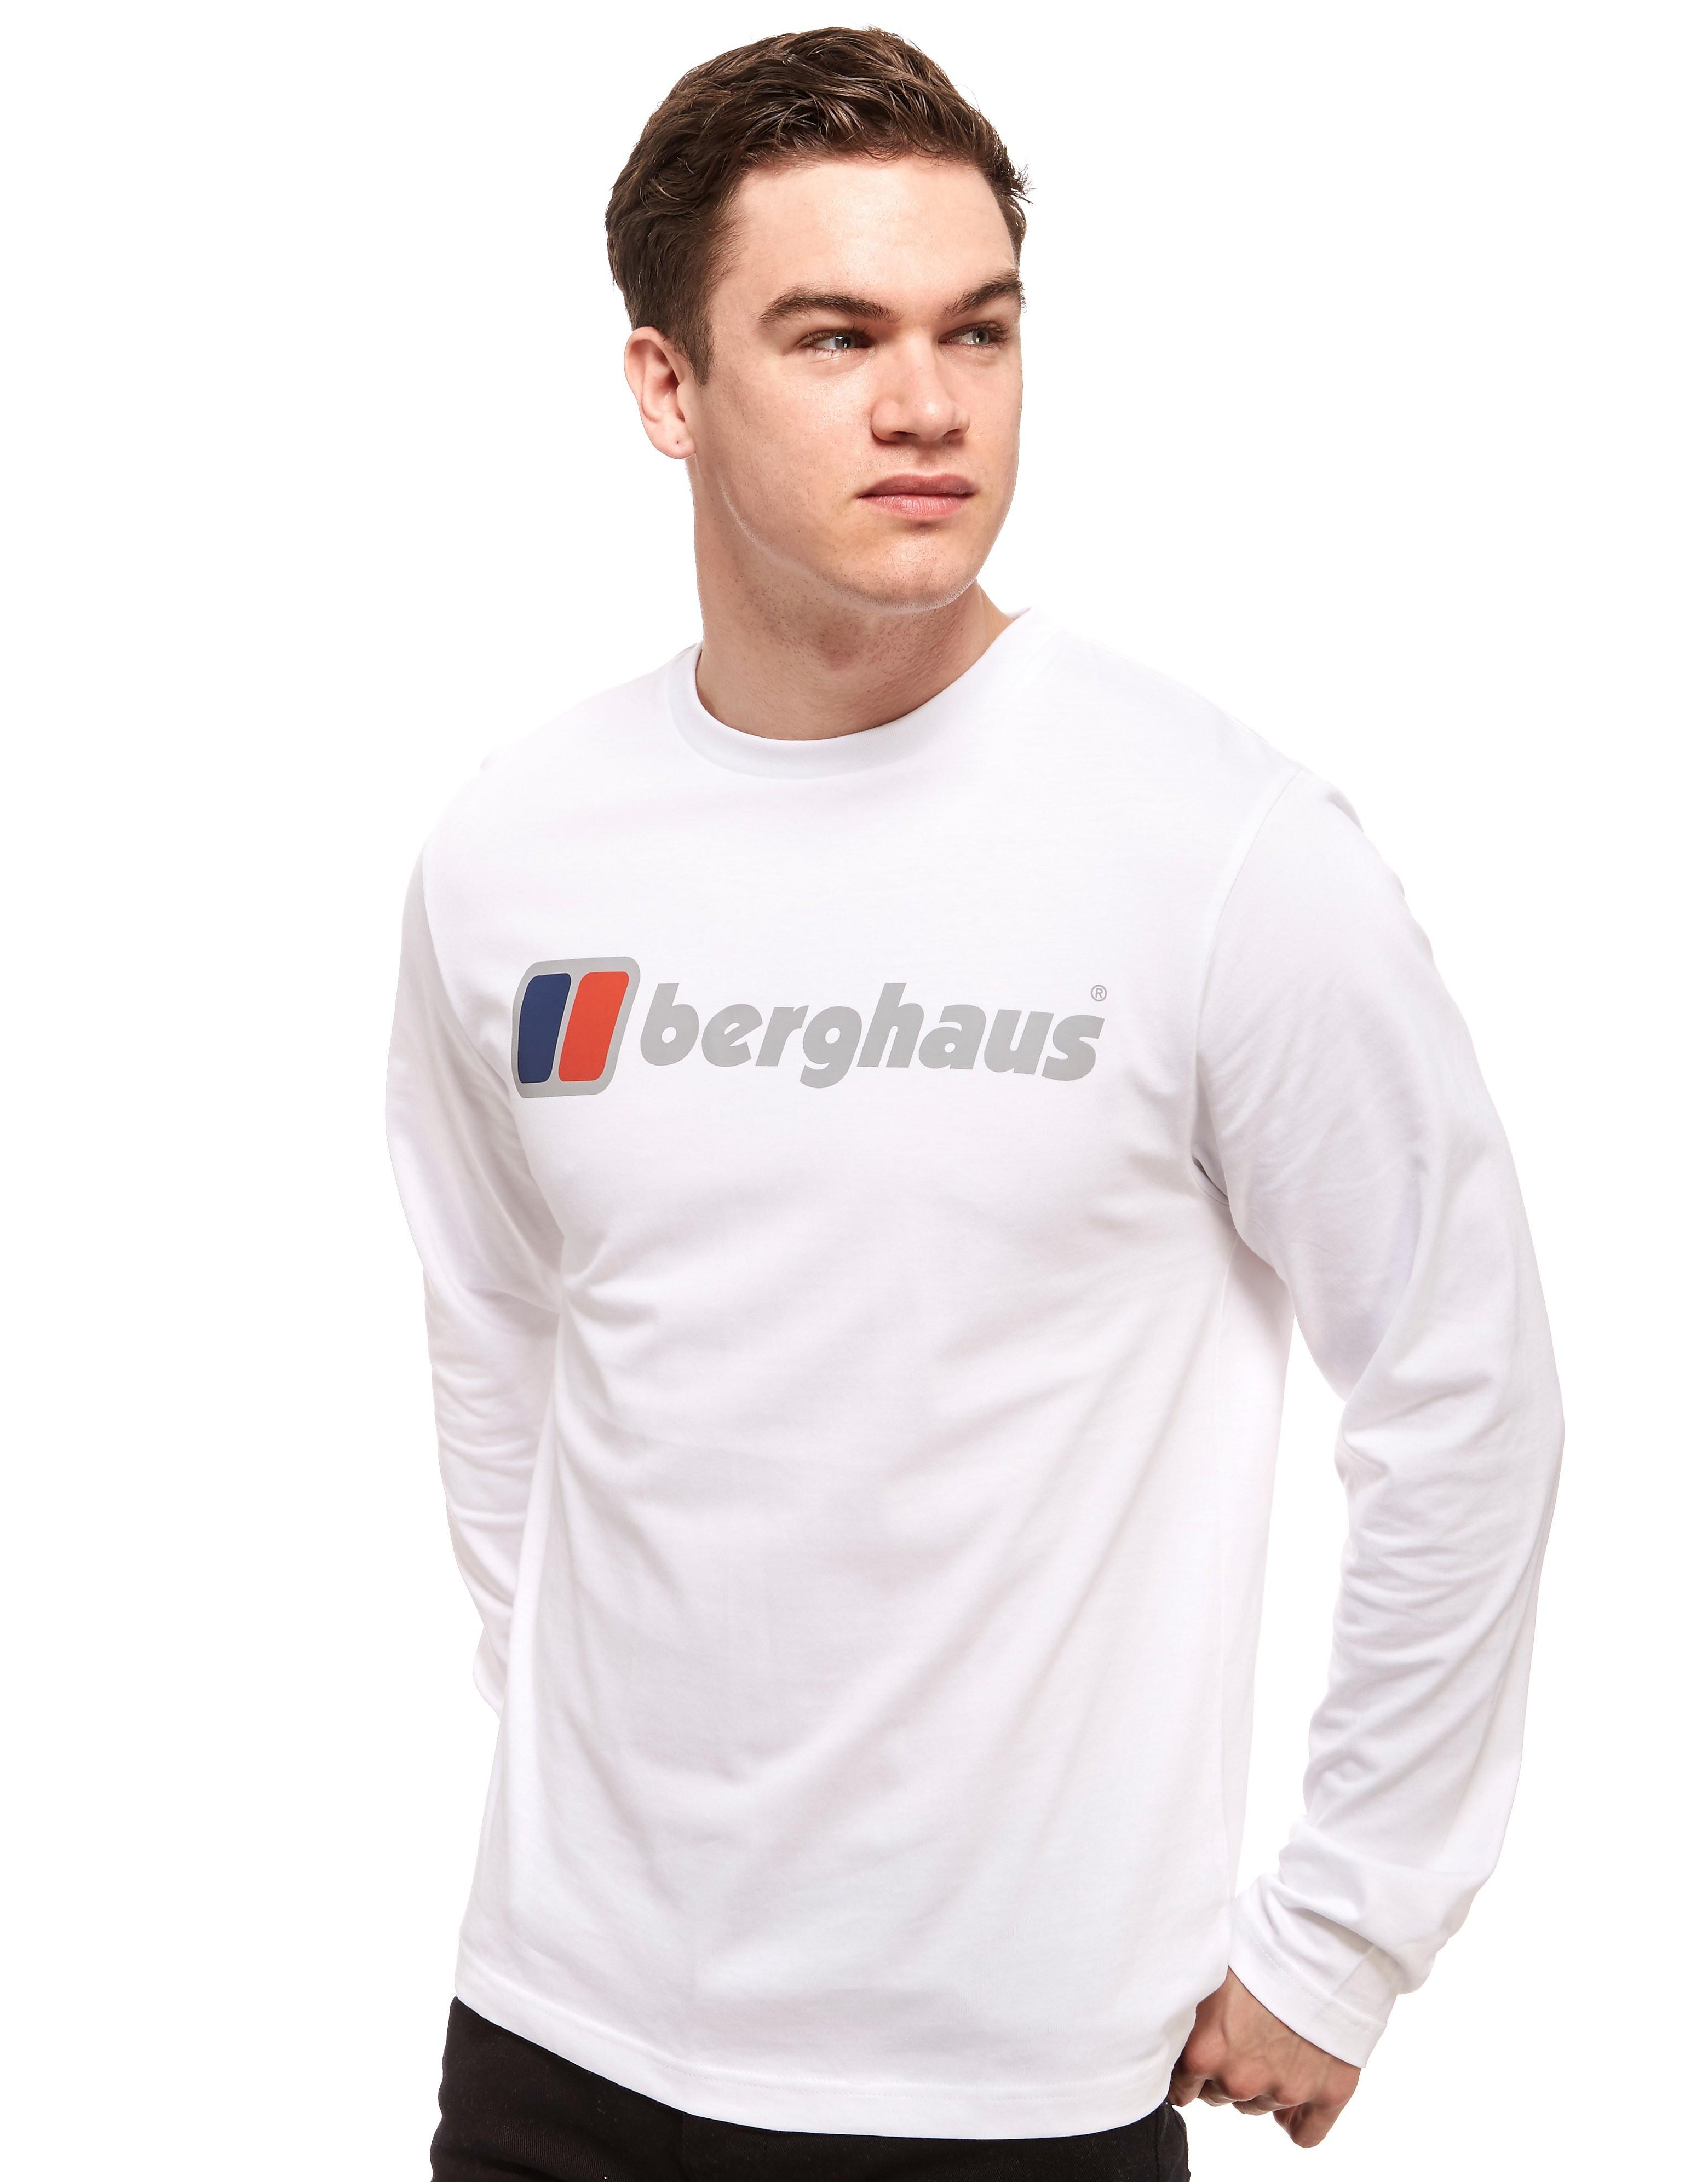 Berghaus Chest Logo Long Sleeve T-Shirt